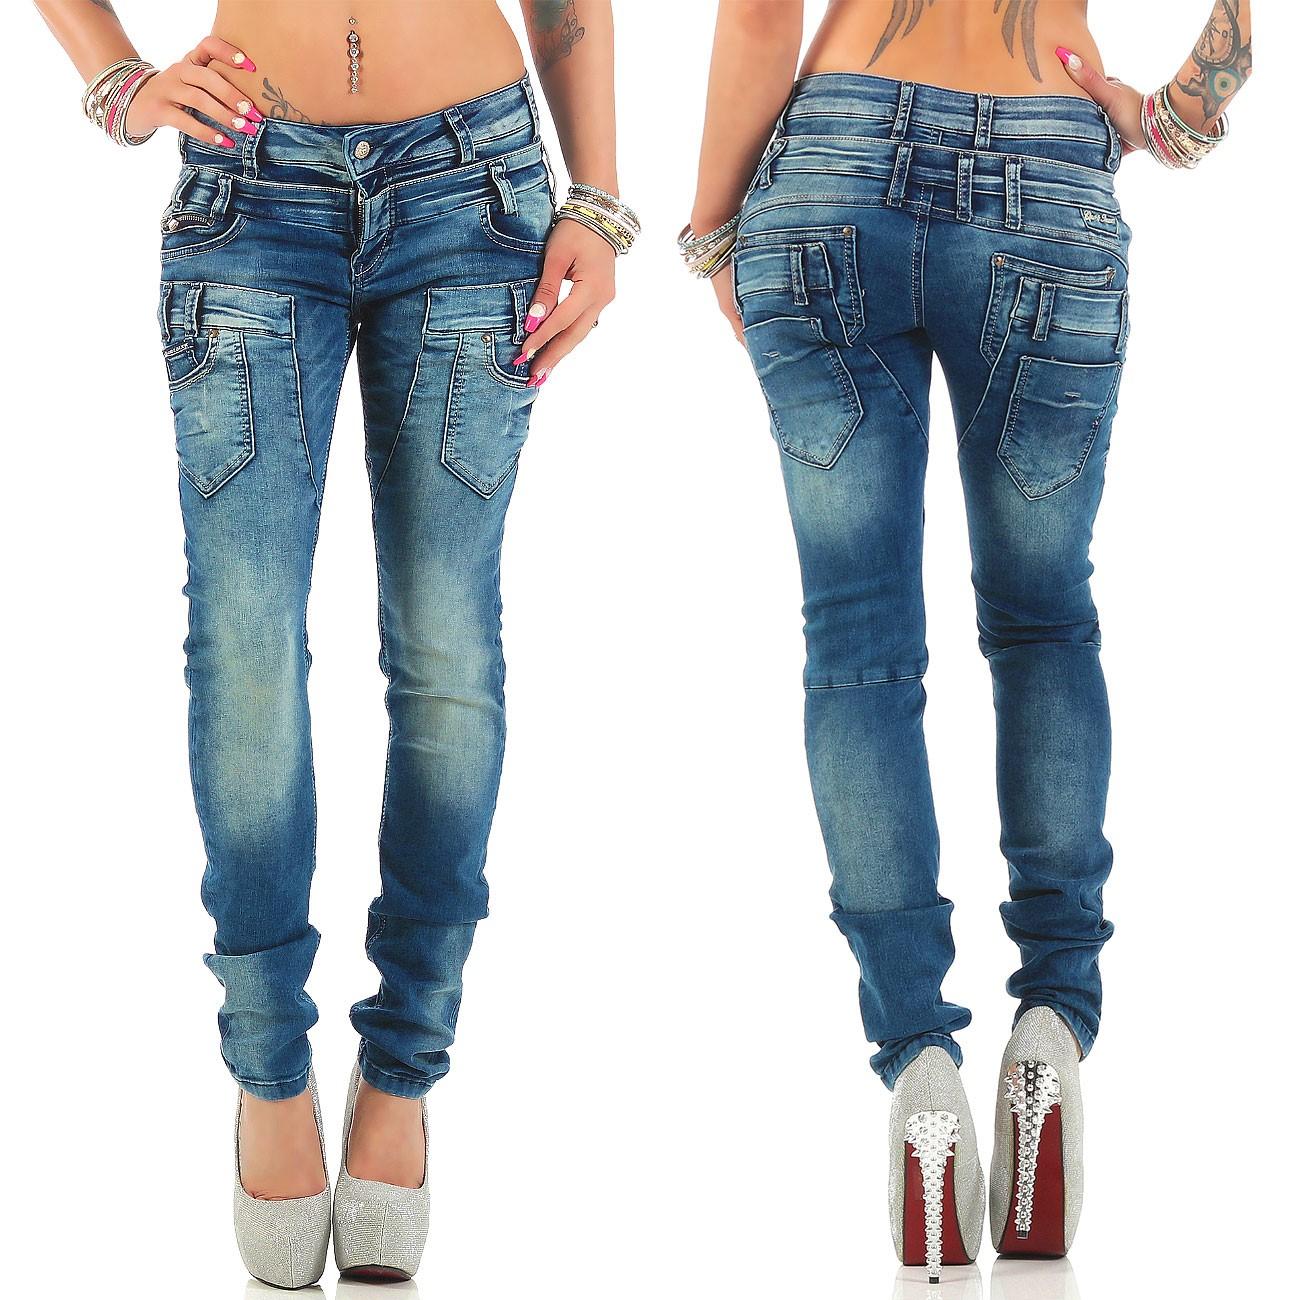 Verschiedene-Cipo-amp-Baxx-Damen-Jeans-Hosen-Slim-Fit-Regular-Fit-Streetwear Indexbild 42